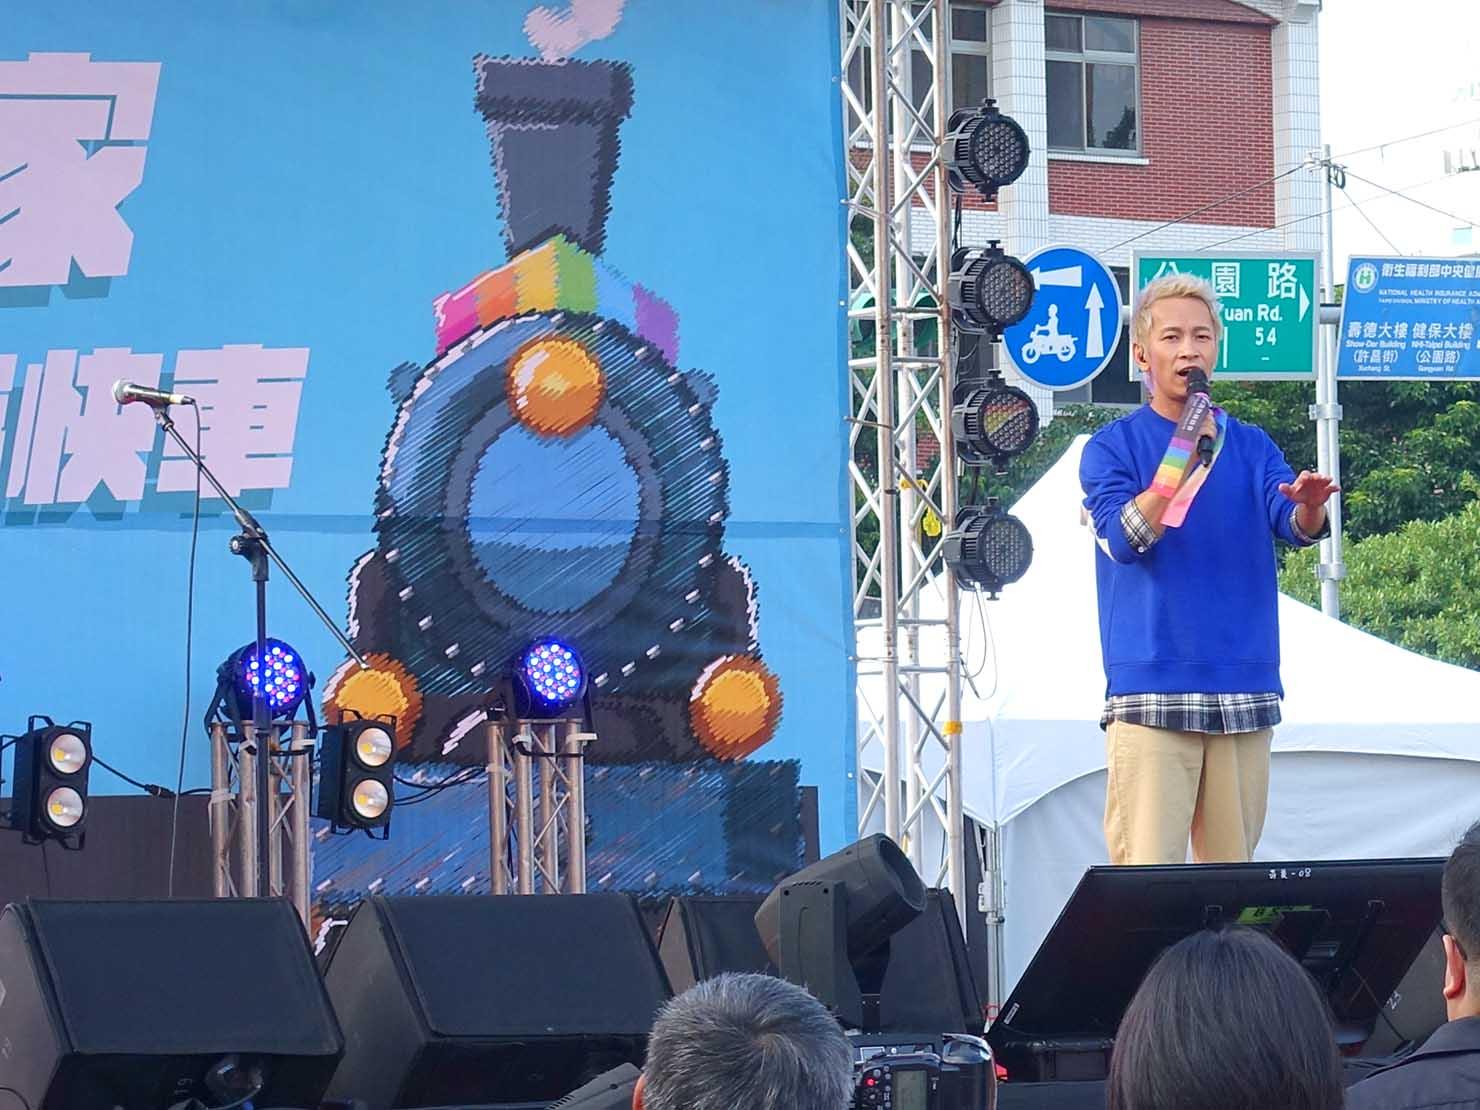 台湾のLGBT音楽イベント『為愛返家音樂會』のステージに立つアーティスト・張智成さん